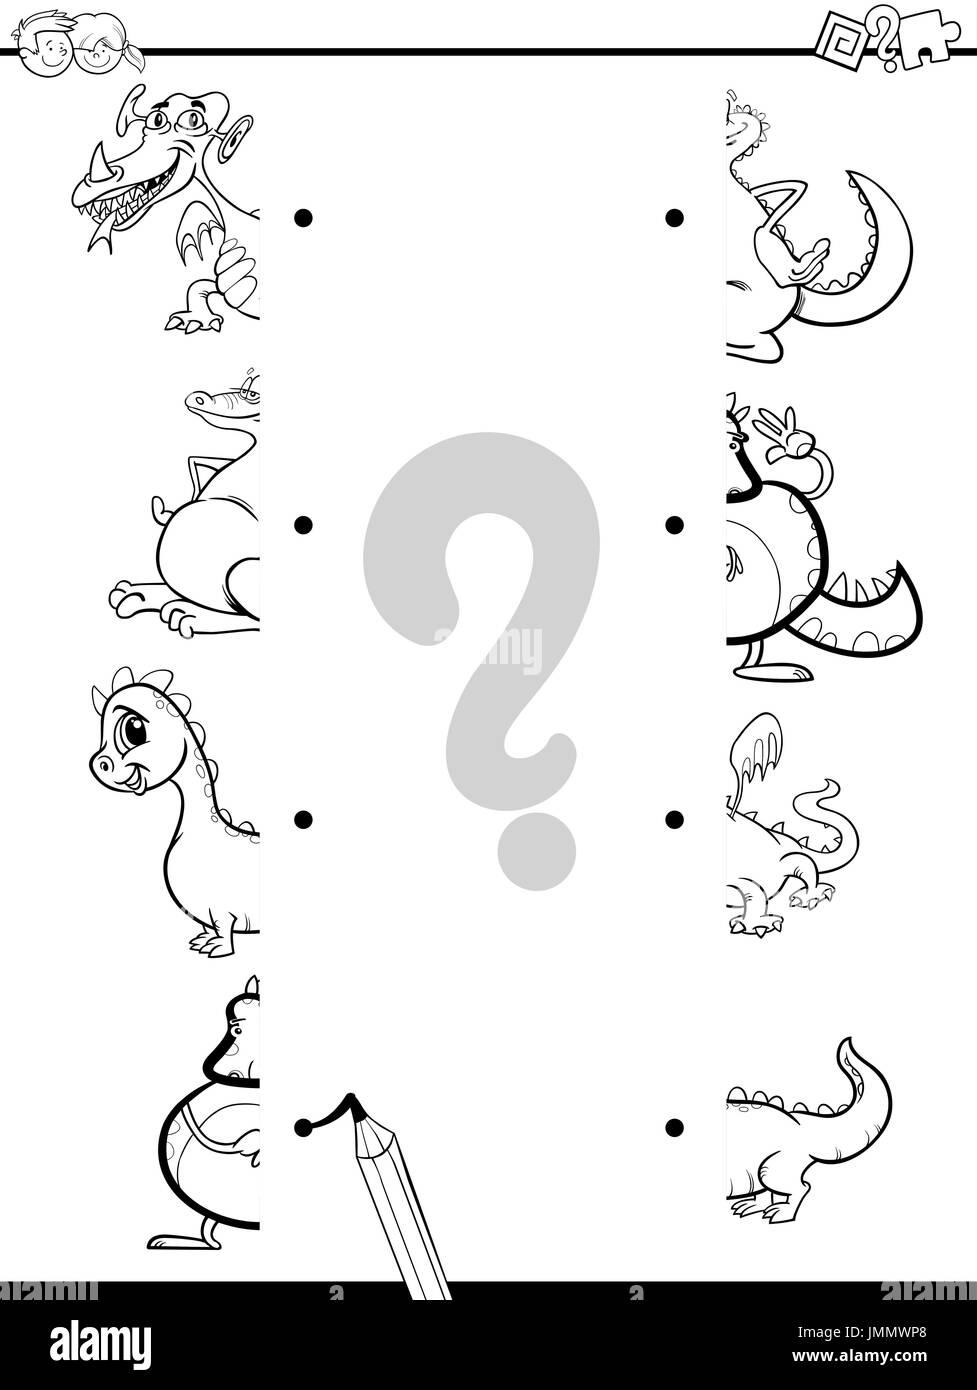 Schwarz / Weiß Cartoon Illustration von Lernspiel der passenden ...